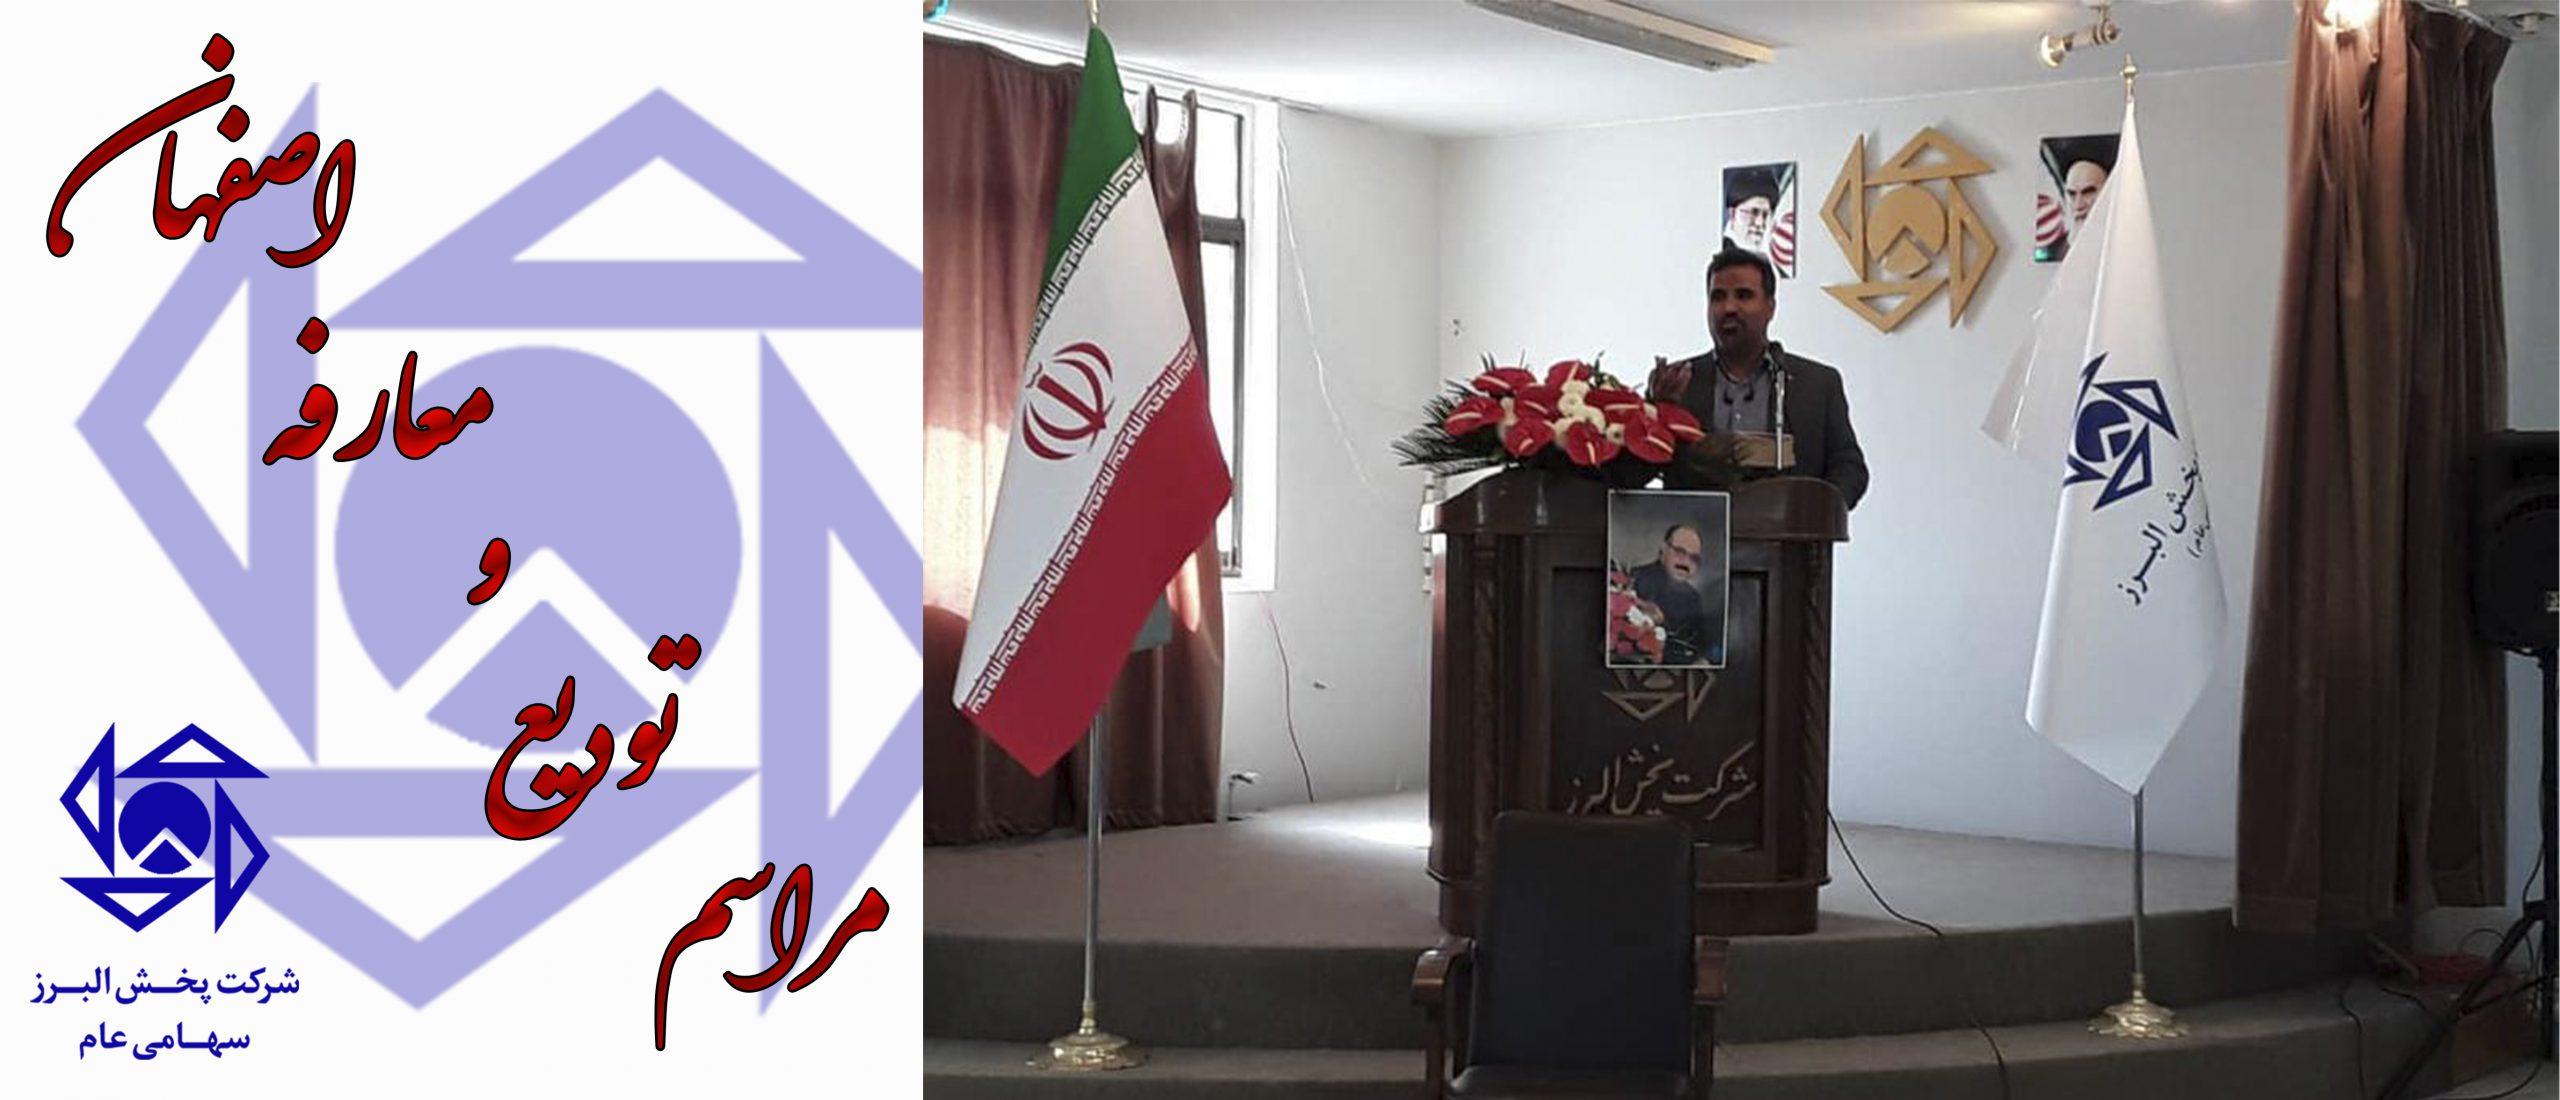 مراسم تودیع و معارفه مدیر مرکزاصفهان  برگزار شد